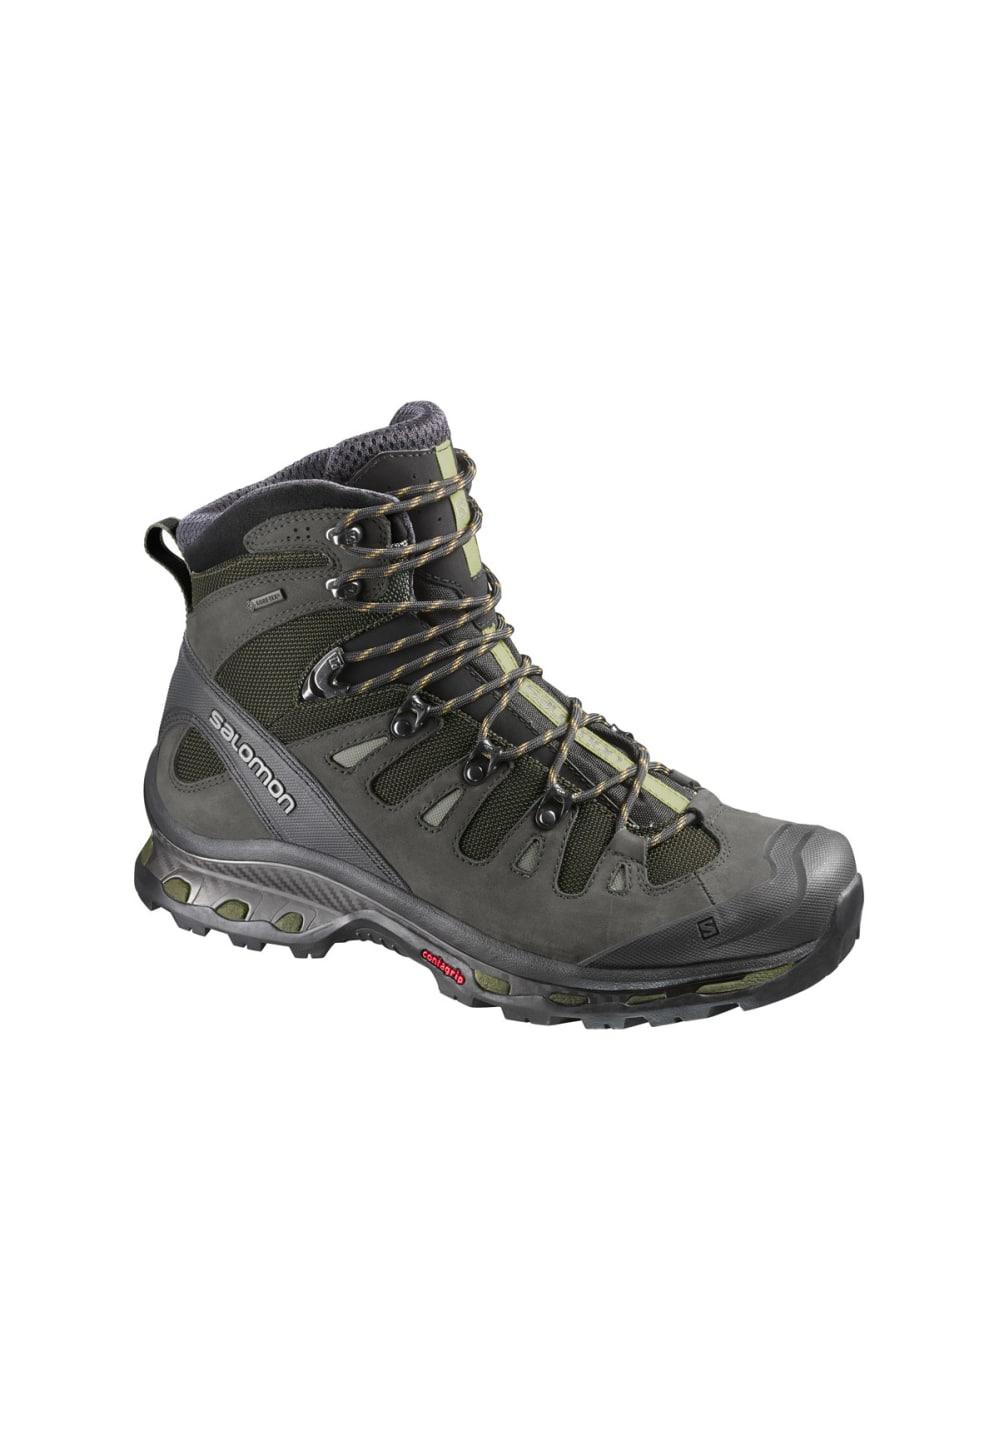 c6689068d39 Salomon Quest 4D 2 GTX - Outdoor shoes for Men - Grey